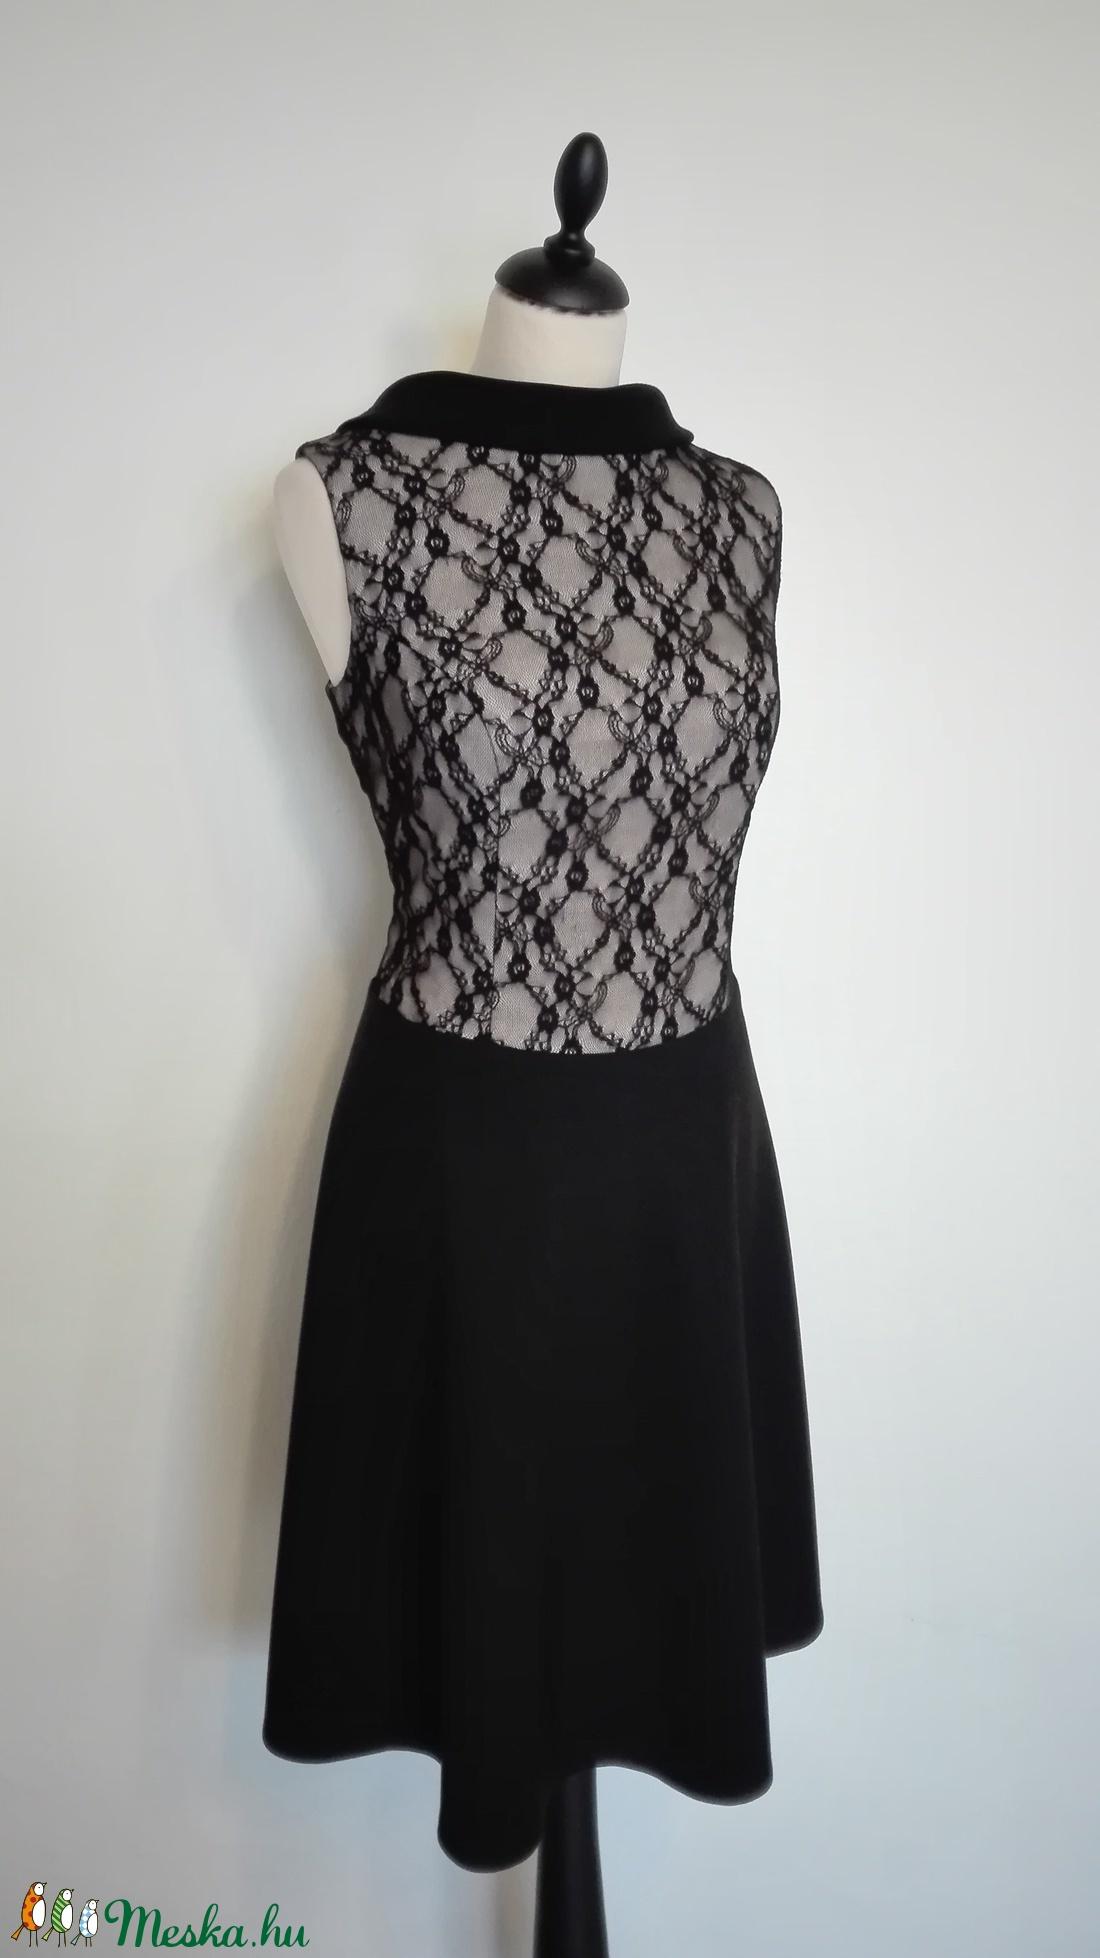 ... Fekete-bézs színű alkalmi ruha szalagavatóra (nicoledesign) ... 98ccb688db